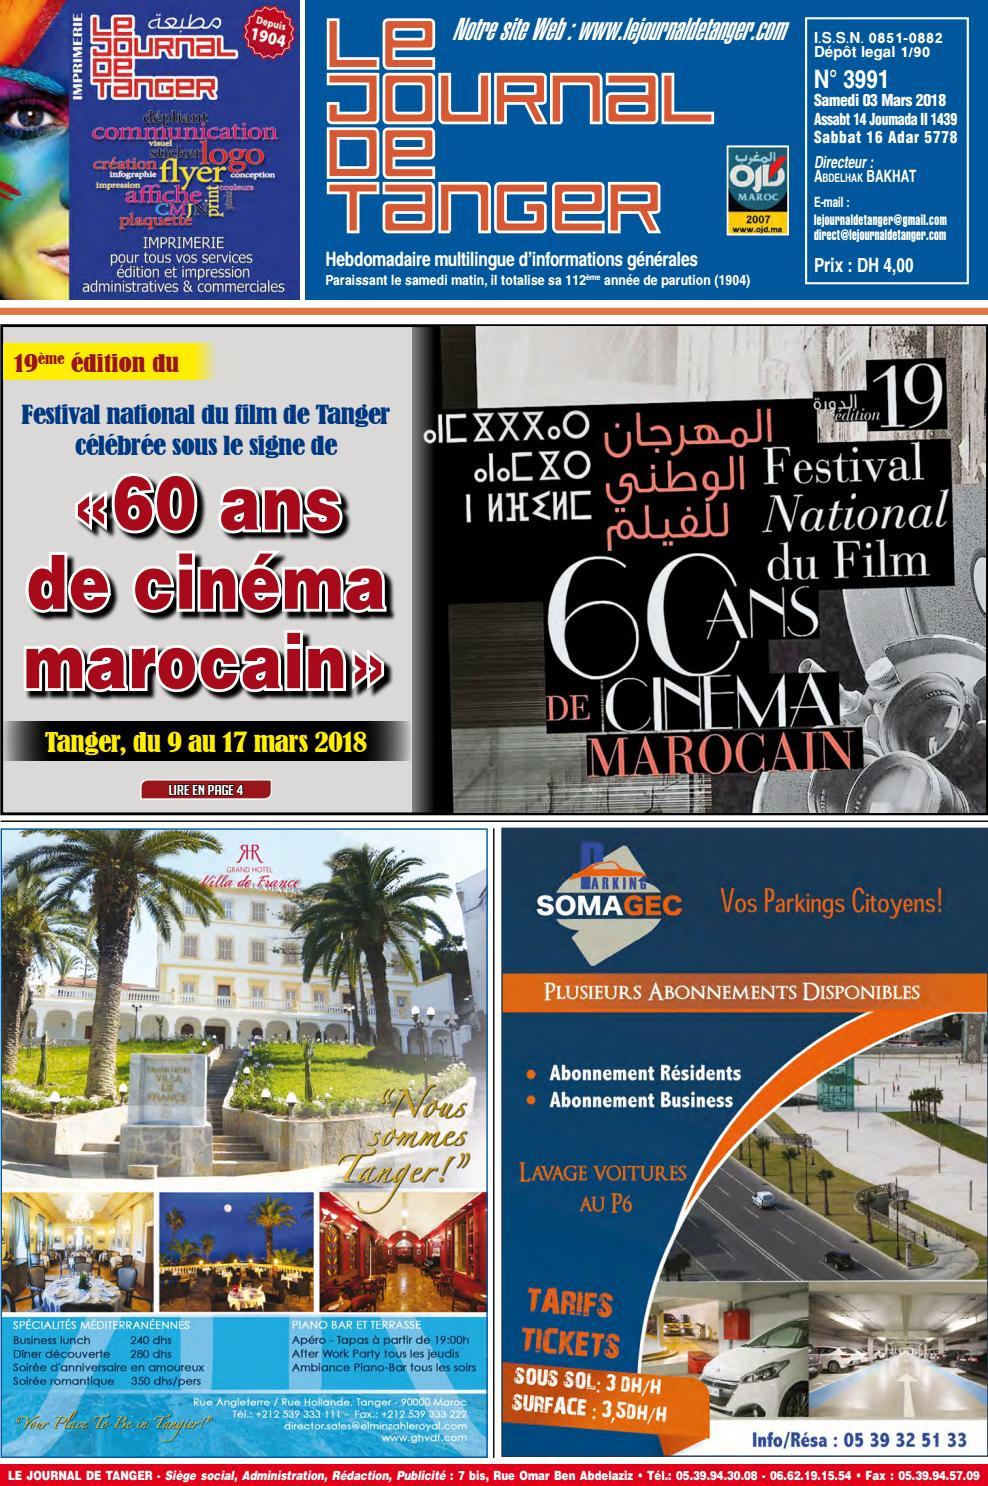 0b917692f5aa5 Le journal de Tanger 03 mars 2018 by Le Journal de Tanger - issuu